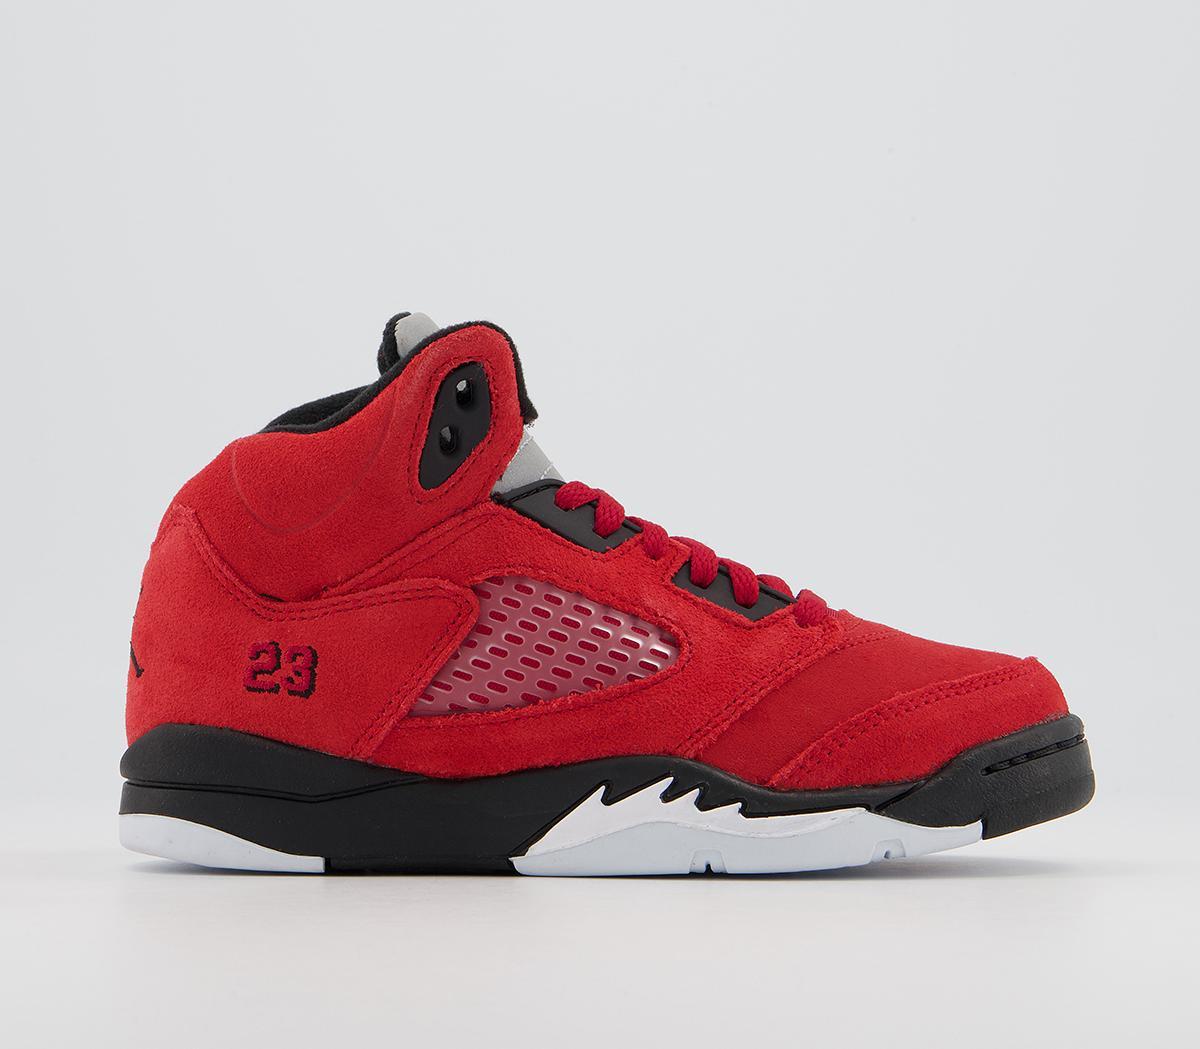 Jordan 5 Ps Trainers